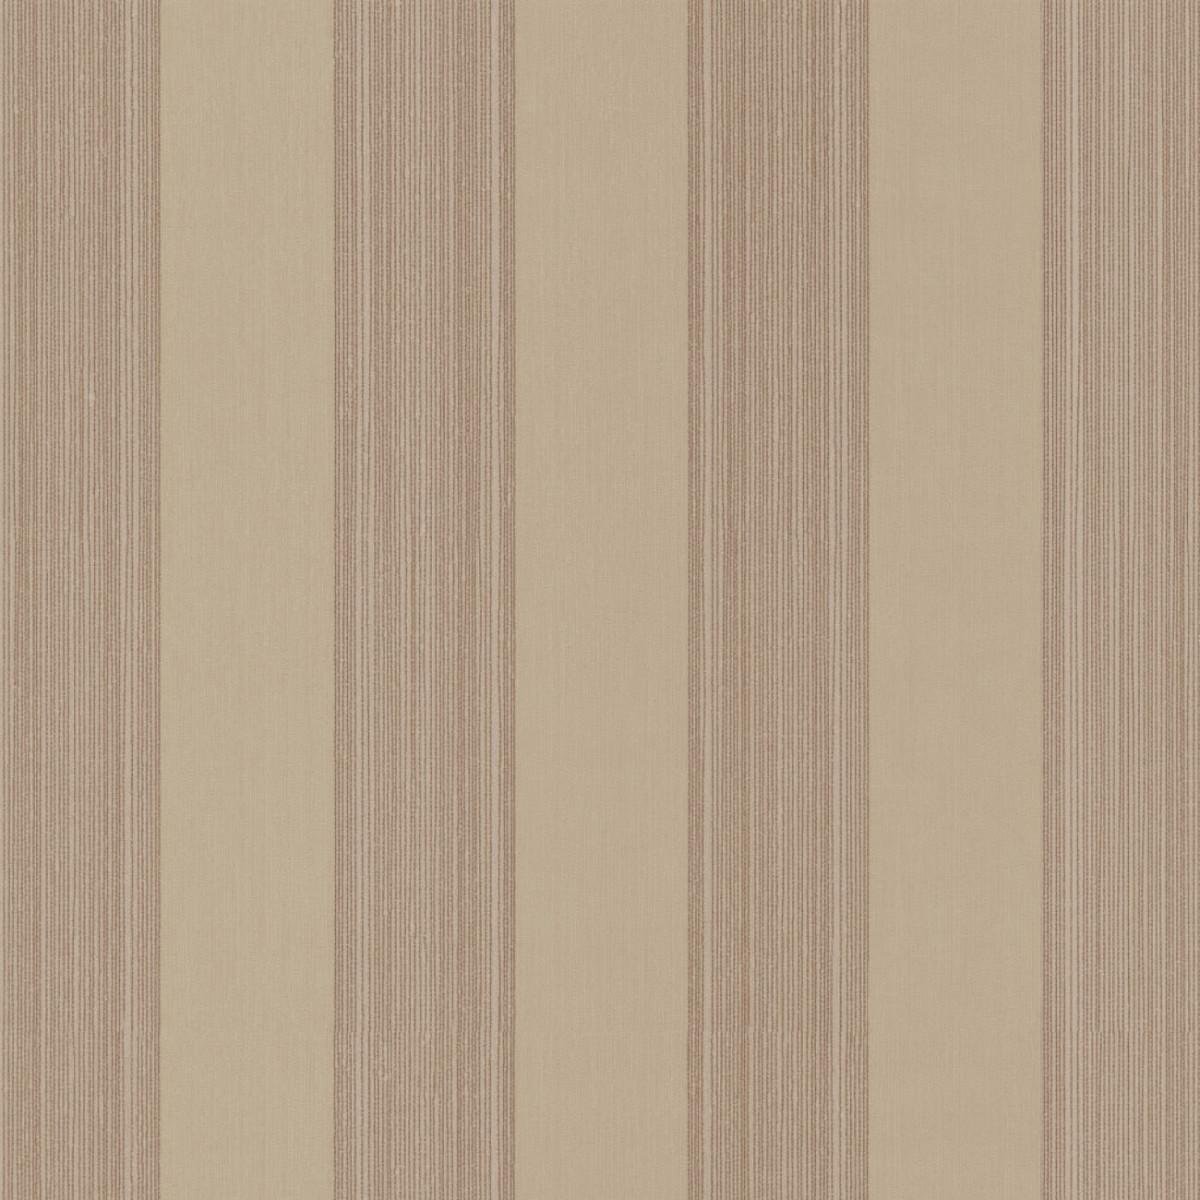 Обои флизелиновые Мир Авангард Beyond коричневые 1.06 м 910